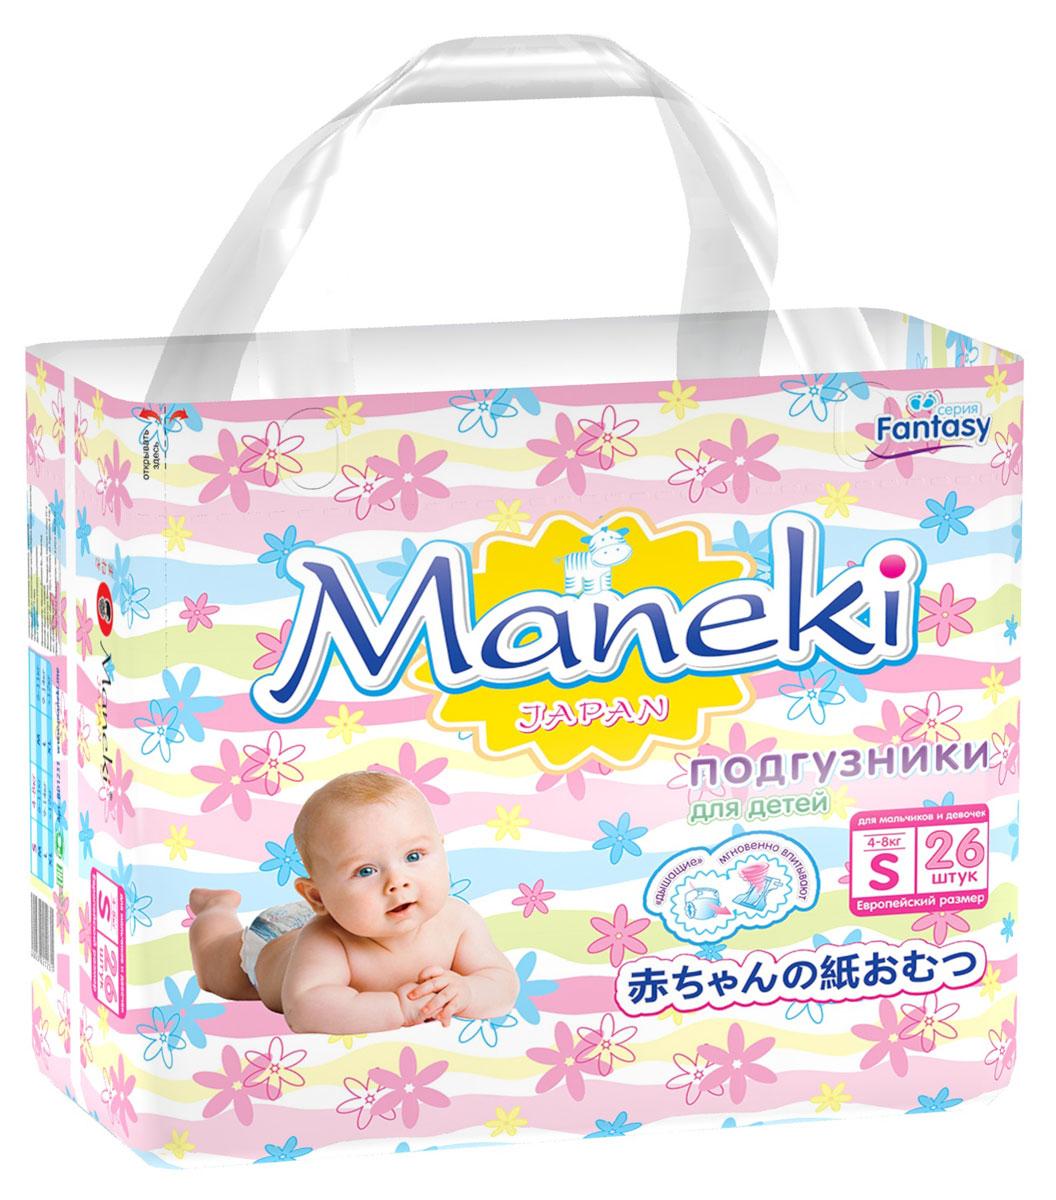 Maneki Подгузники детские одноразовые Mini размер S 4-8 кг 26 штBD1231Подгузники детские одноразовые с полосками-индикаторами, полностью удерживают влагу внутри «дышит», эффективно защищает от опрелостей и раздражения. Мягкий и эластичный поясок на спинке не сдавливает и не натирает. Подгузники не разбухают и не комкаются между ножек. Подходят для мальчиков и для девочек. Яркая и компактная упаковка с ручкой. Изготовлены подгузники из экологически чистого сырья.